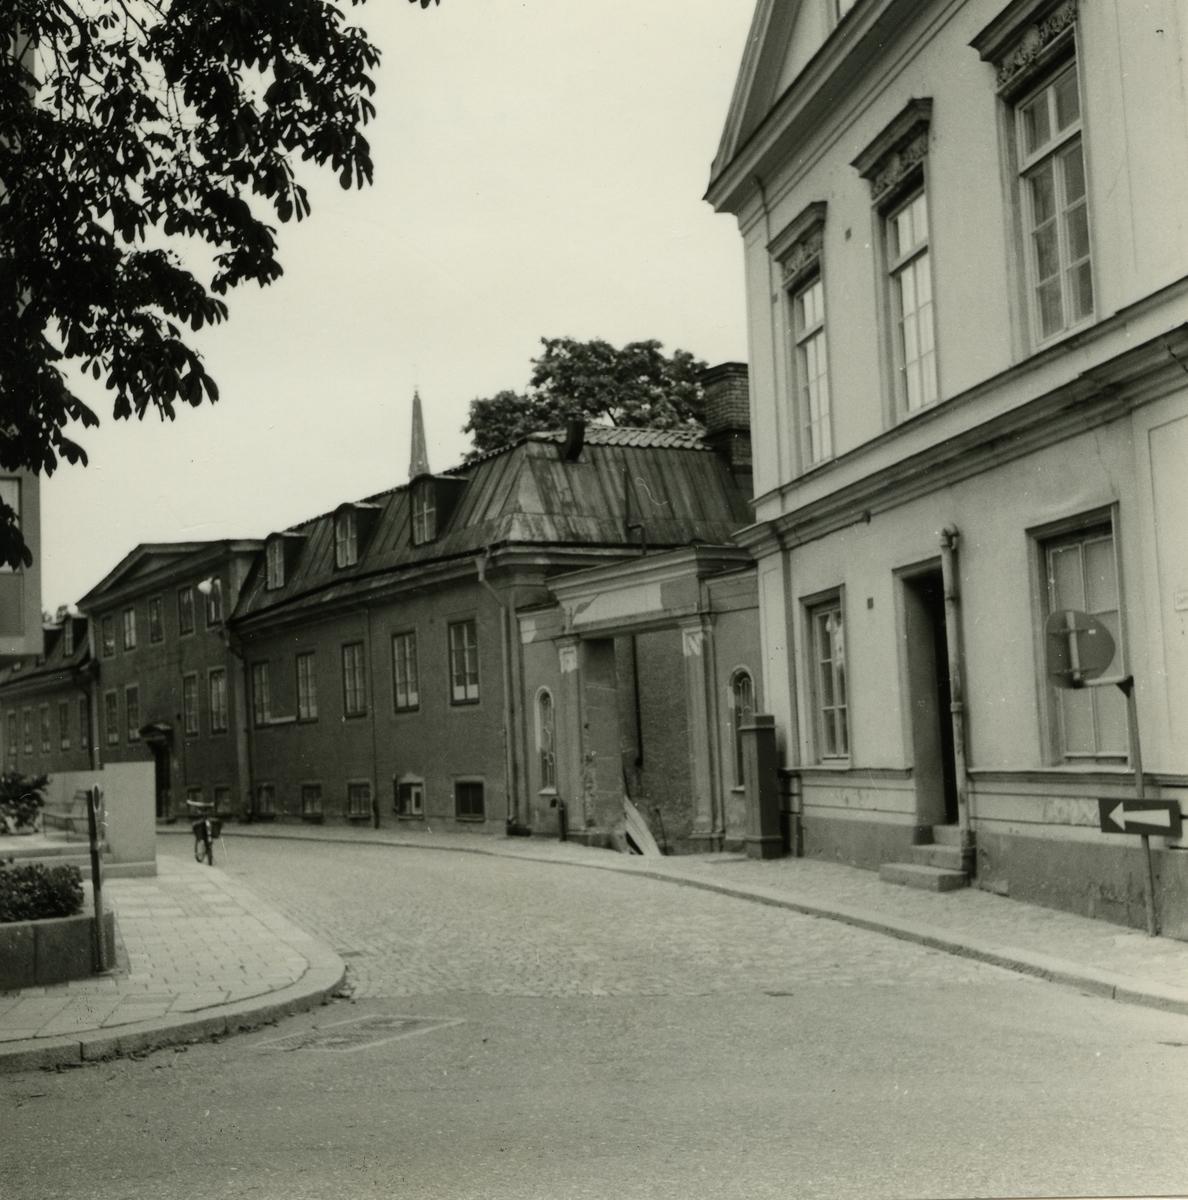 Västerås. Slottsgatan mot norr från korsningen Stora gatan. 1964.